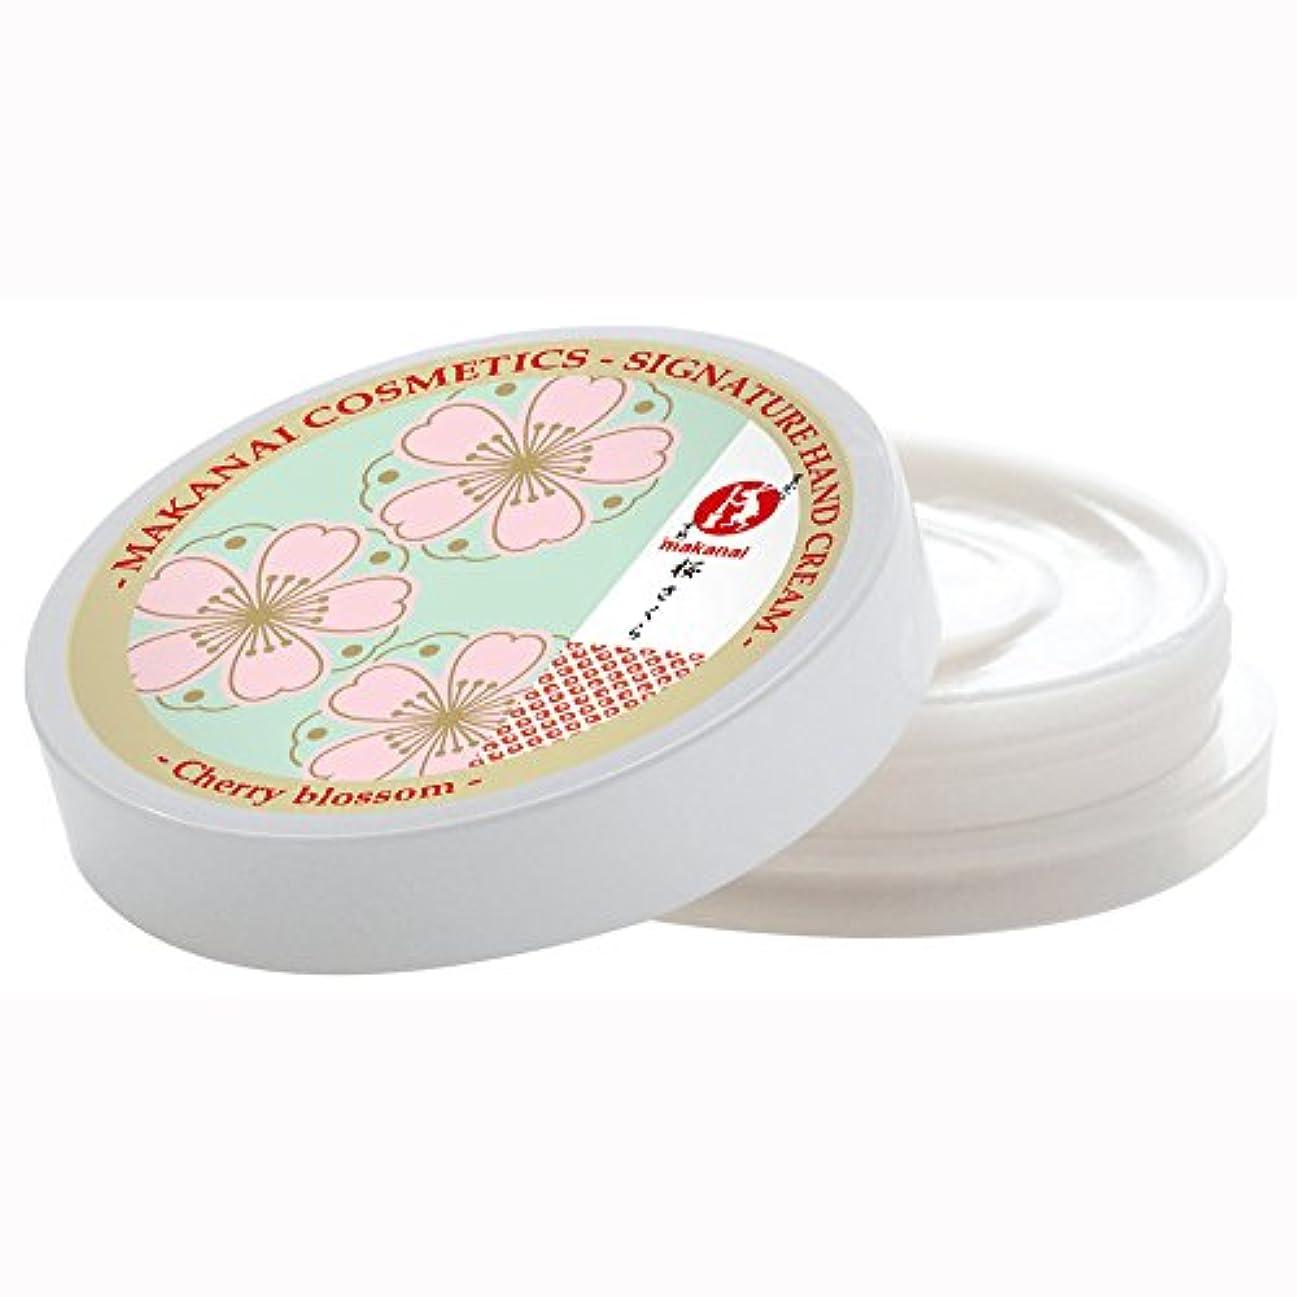 間に合わせ思いやりのある驚くべきまかないこすめ 四季折々 絶妙レシピのハンドクリーム(桜)